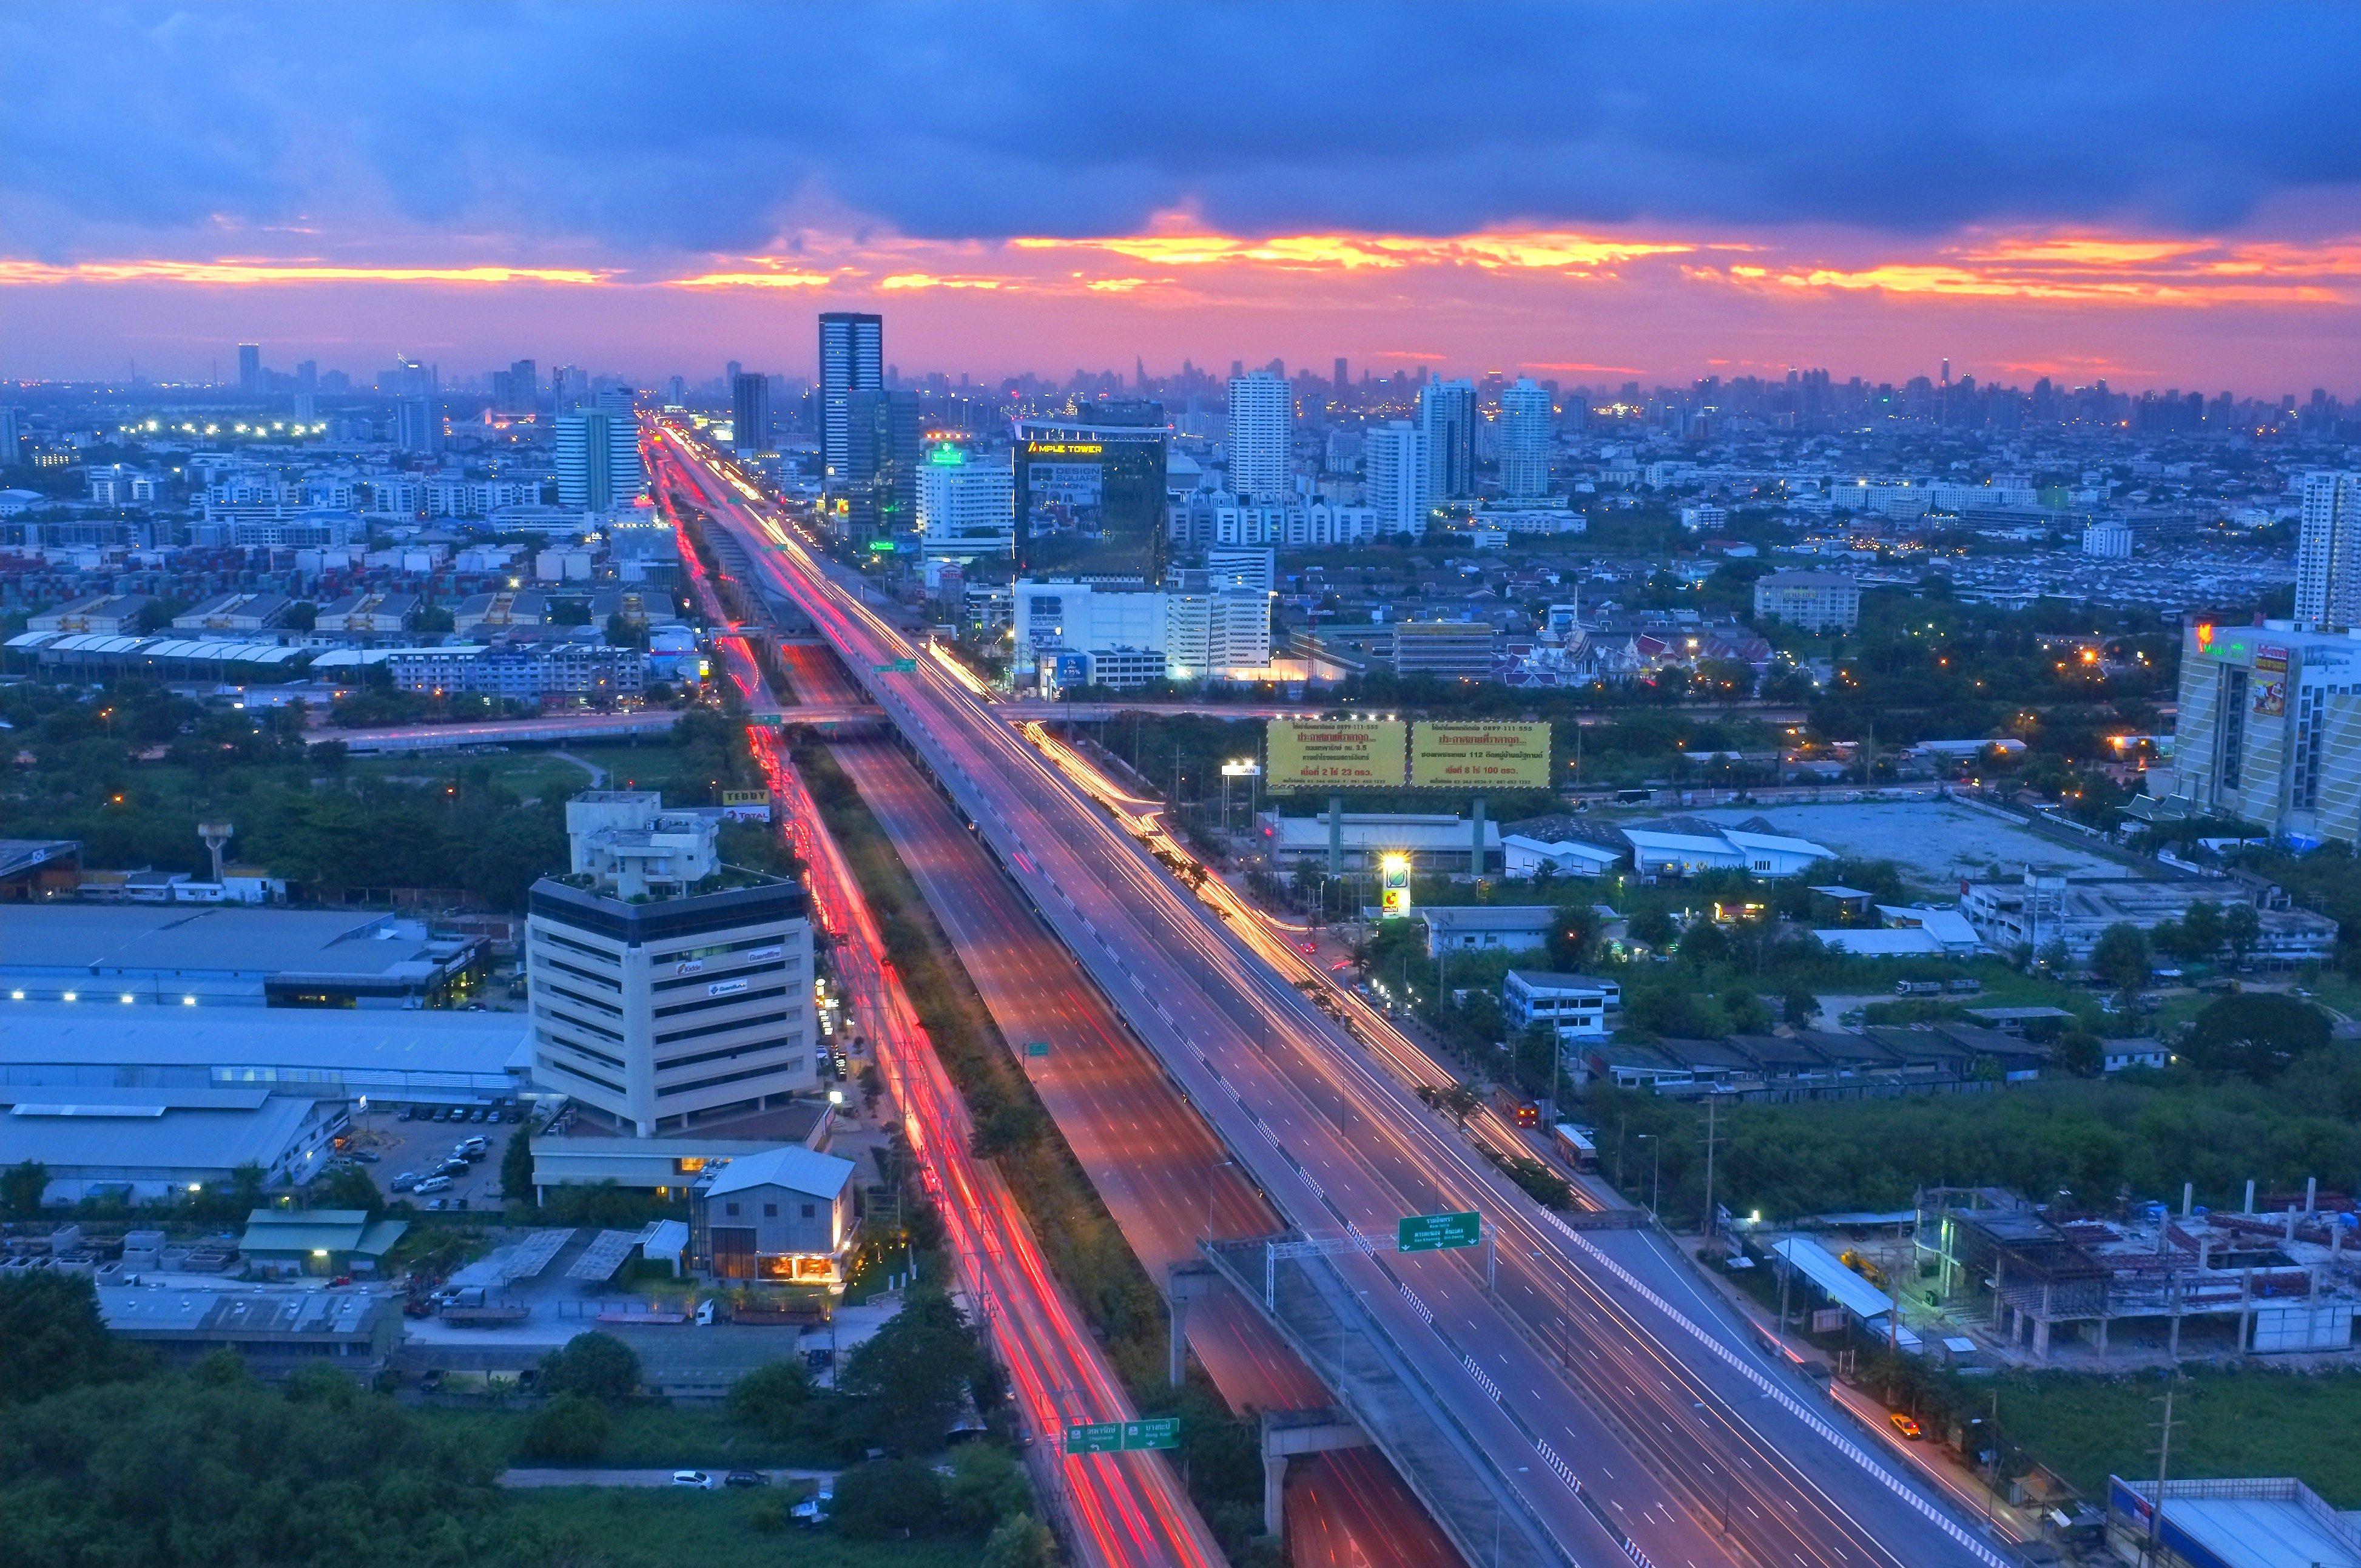 bang na thailand bridge